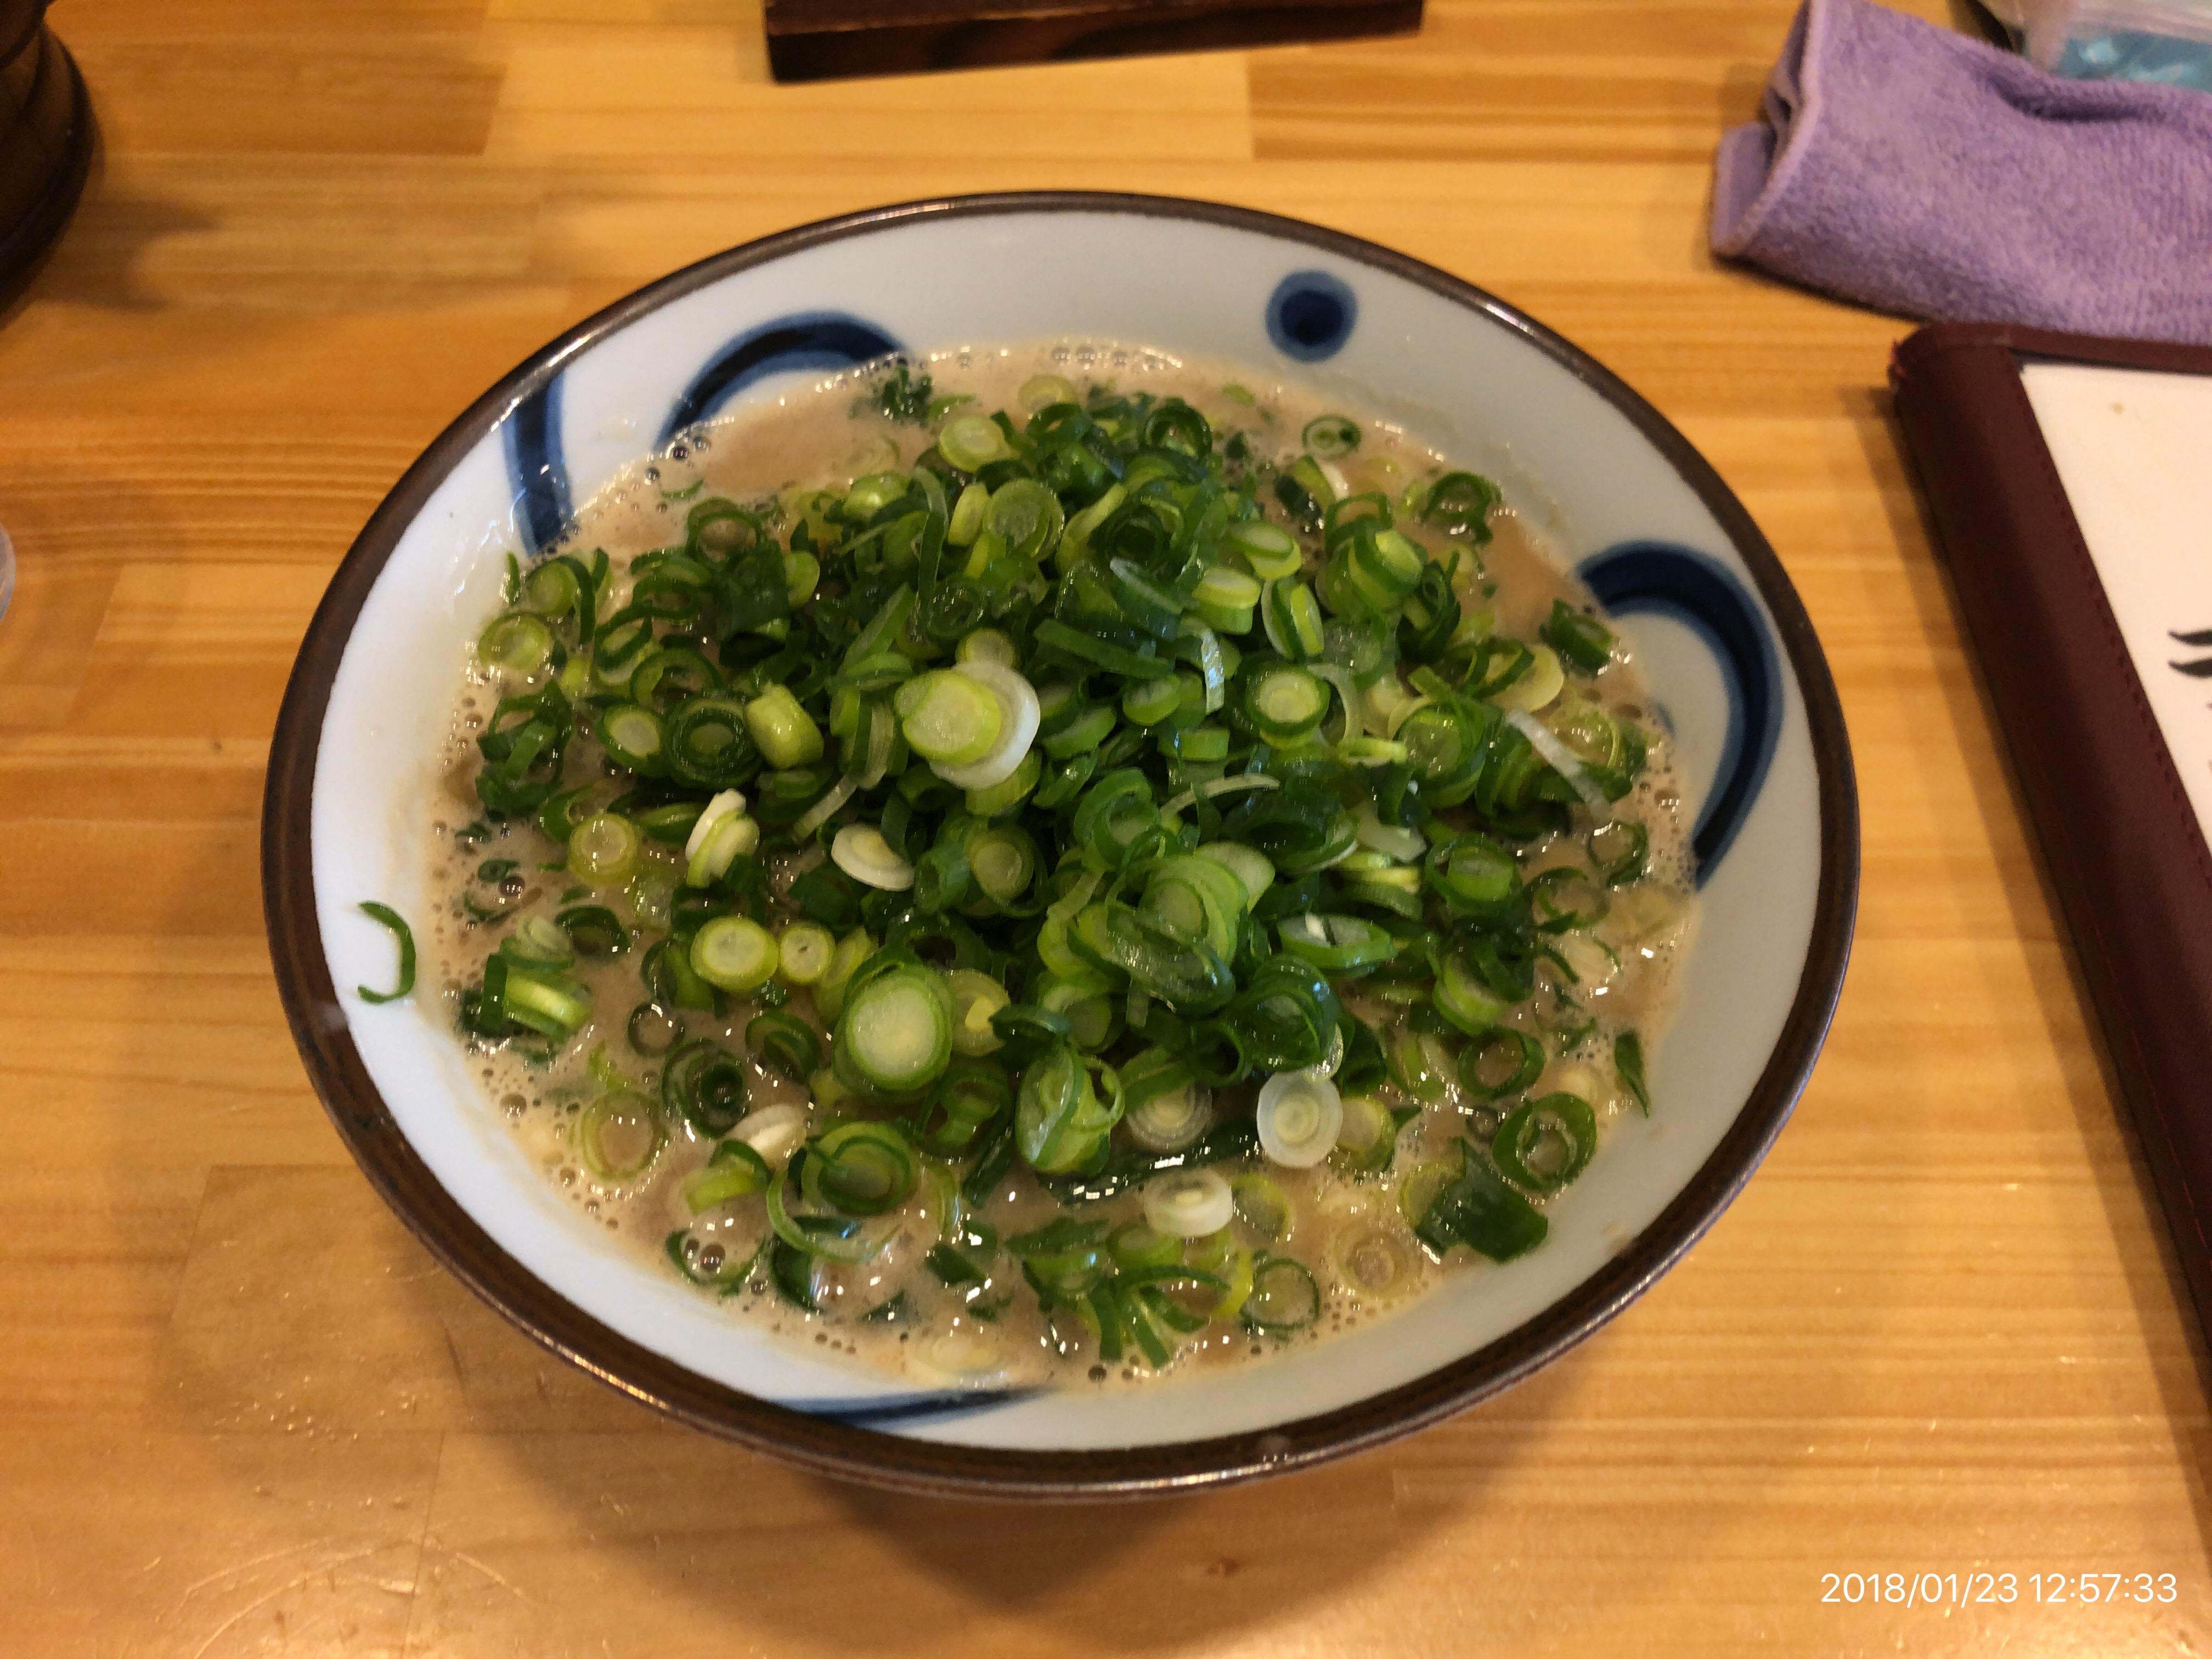 [山口]クセになる美味しさ!山口県山陽小野田市にも私好みのラーメン屋ができていた「ラーメン加藤」